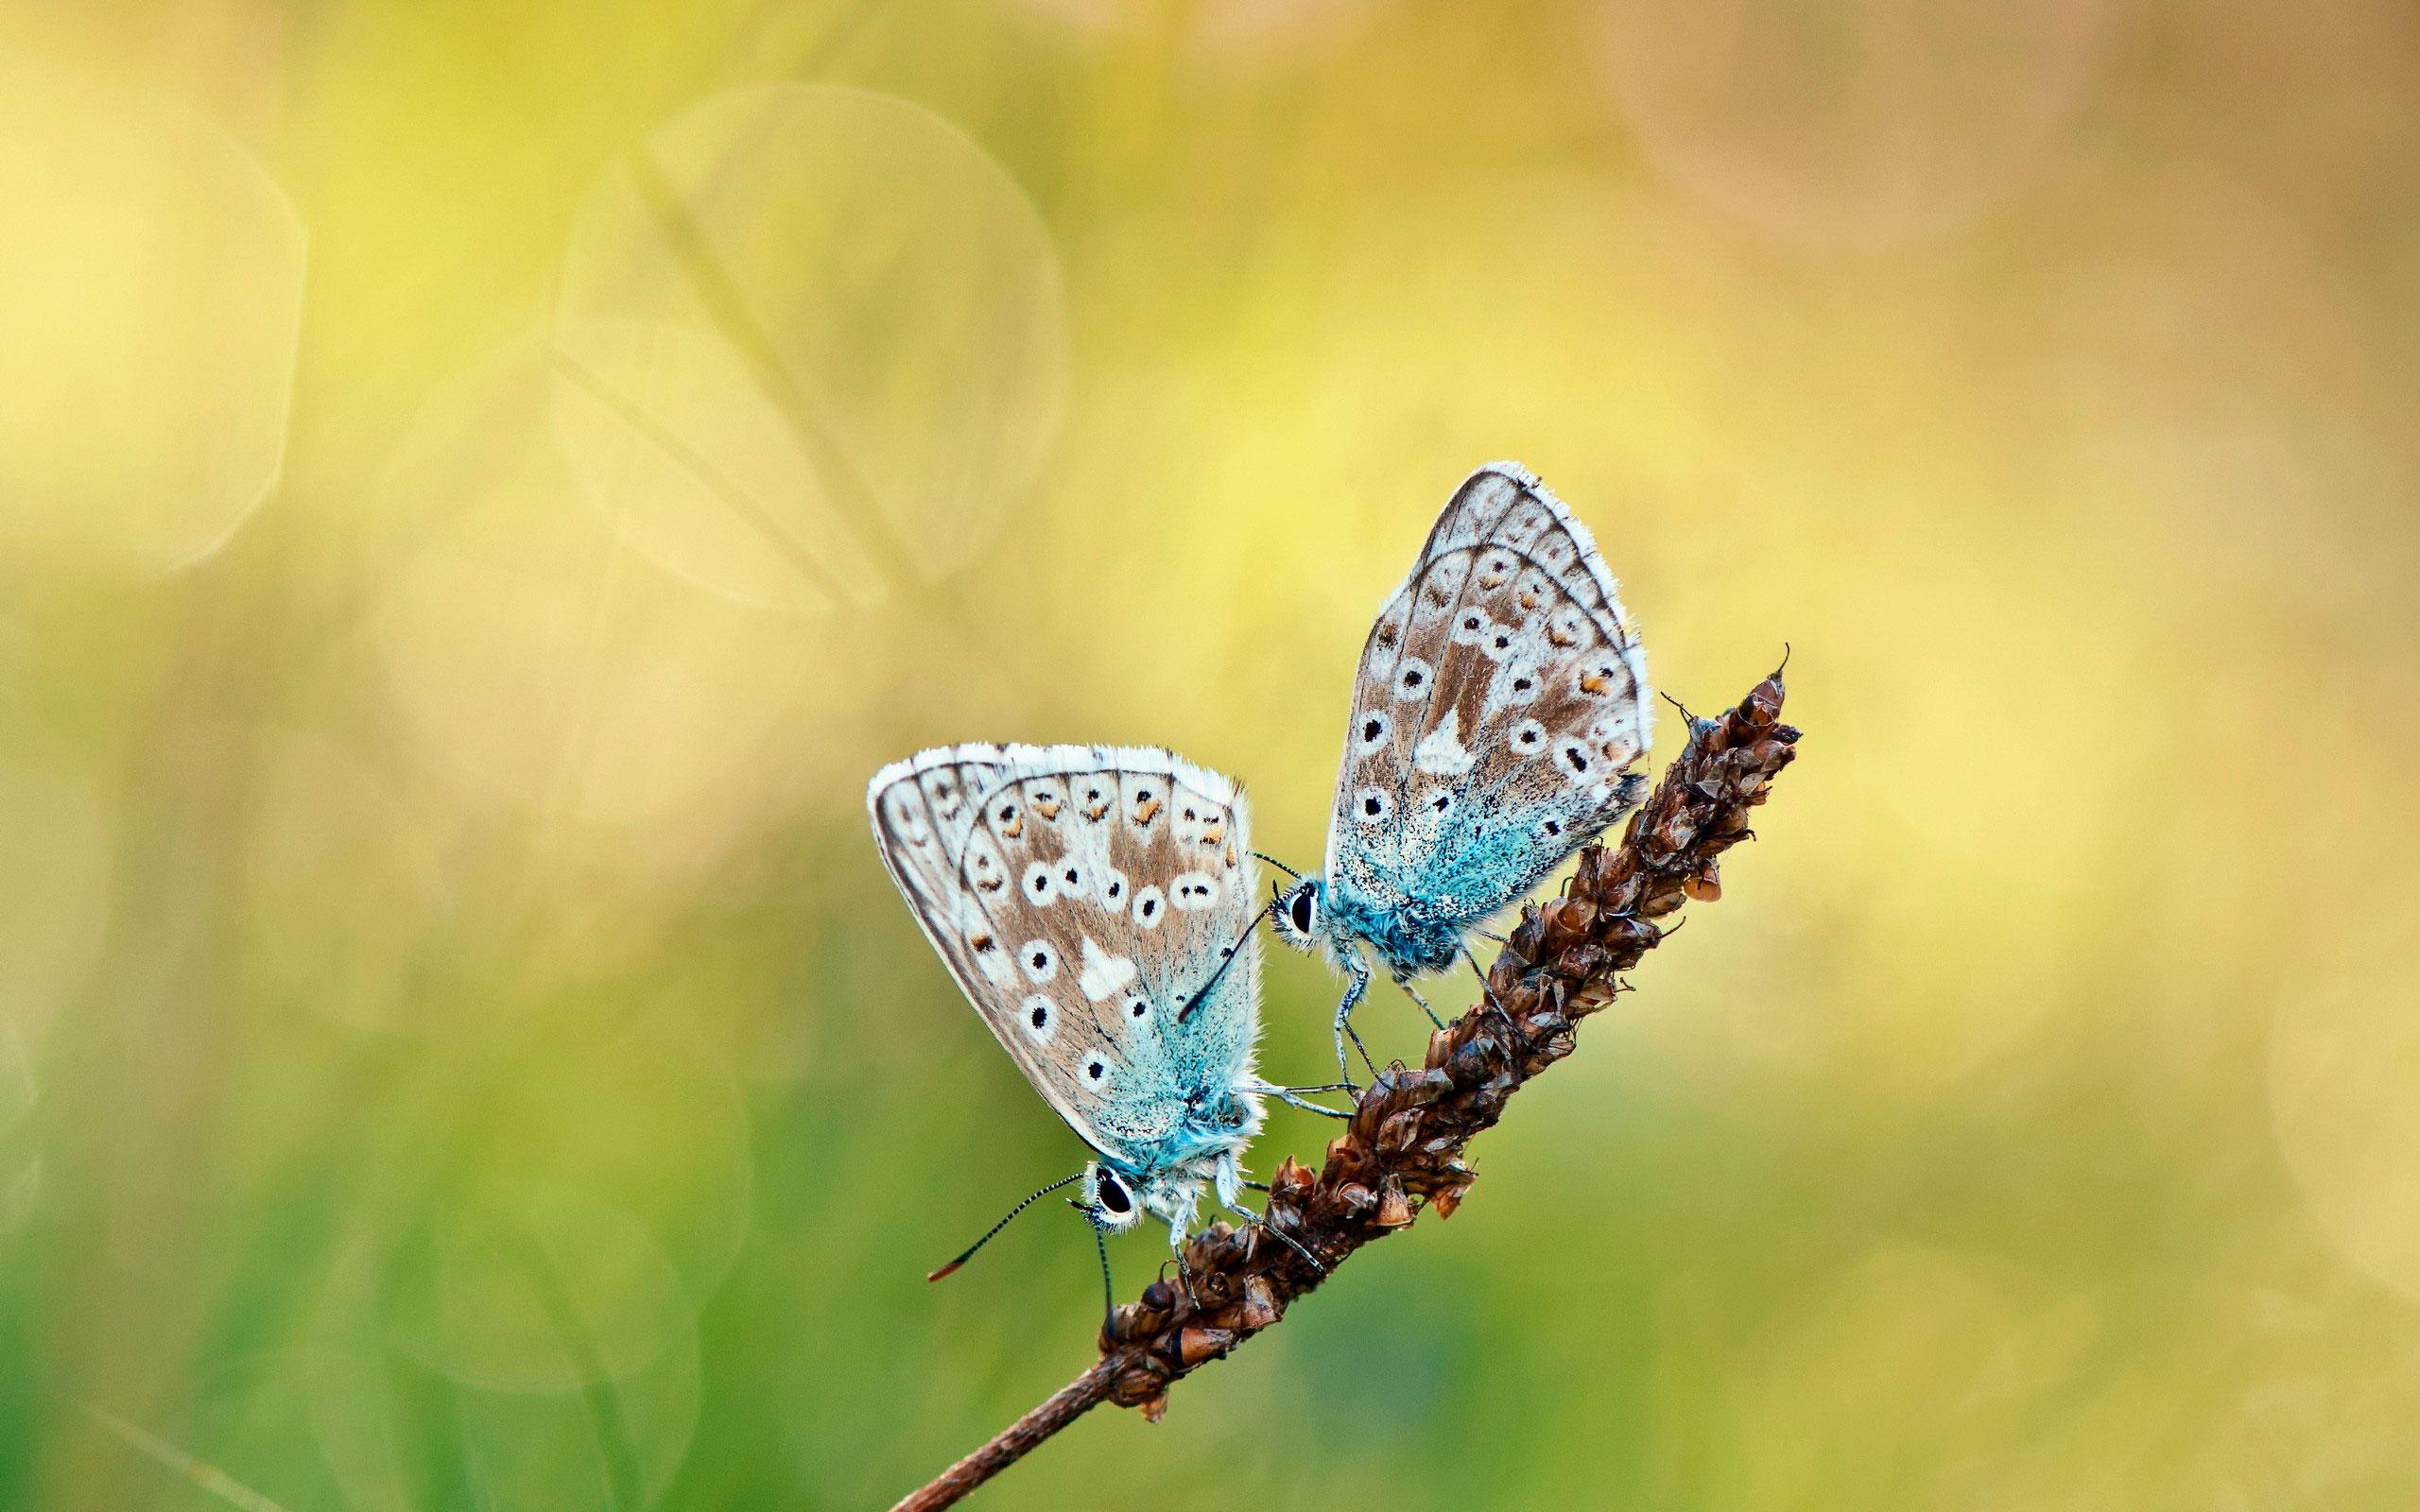 Скачать бесплатно обои бабочки на рабочий стол   подборка (3)